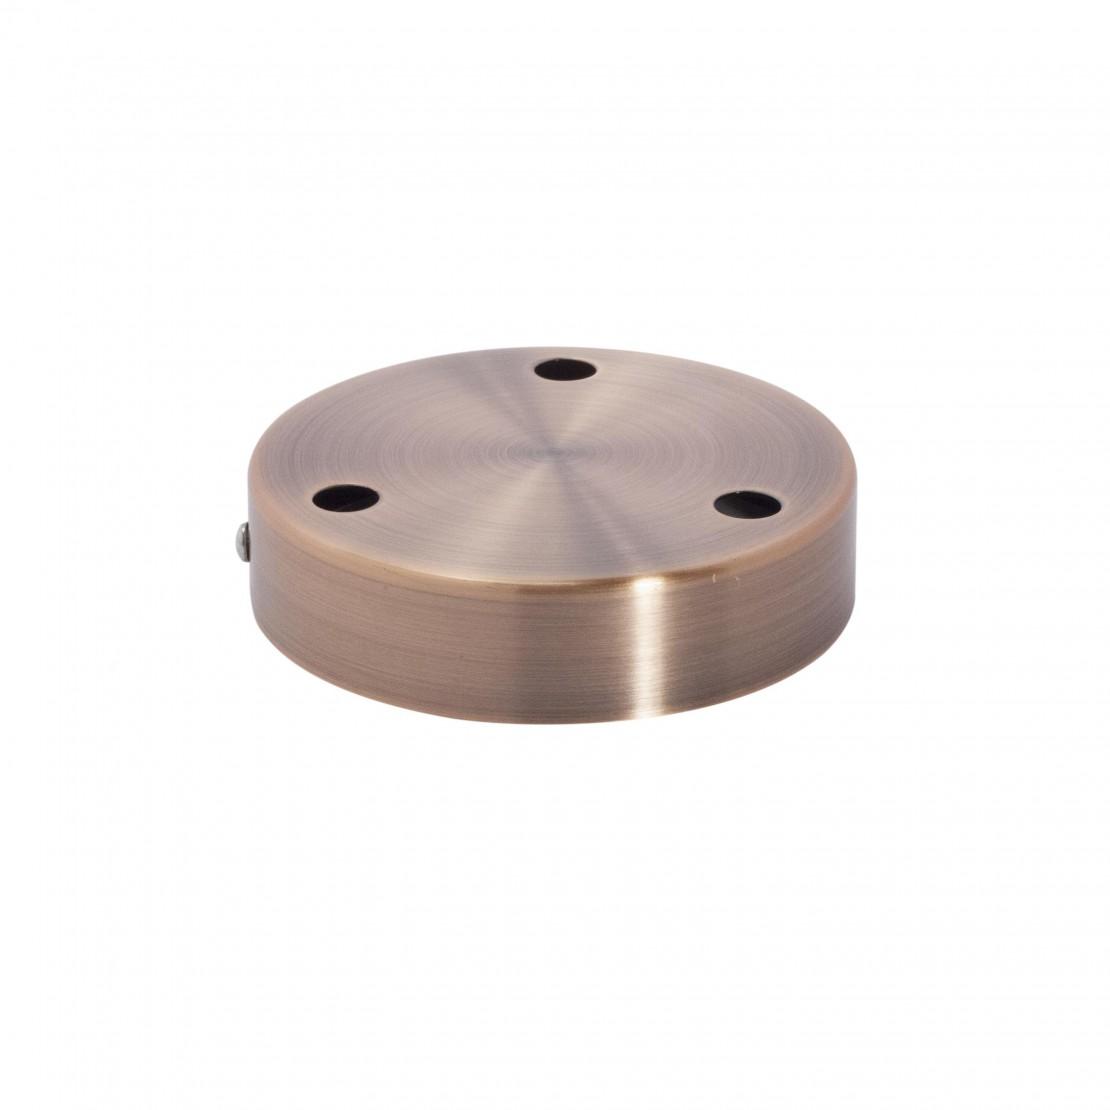 Metalen schermkap 12 cm 3 holes- kopperen